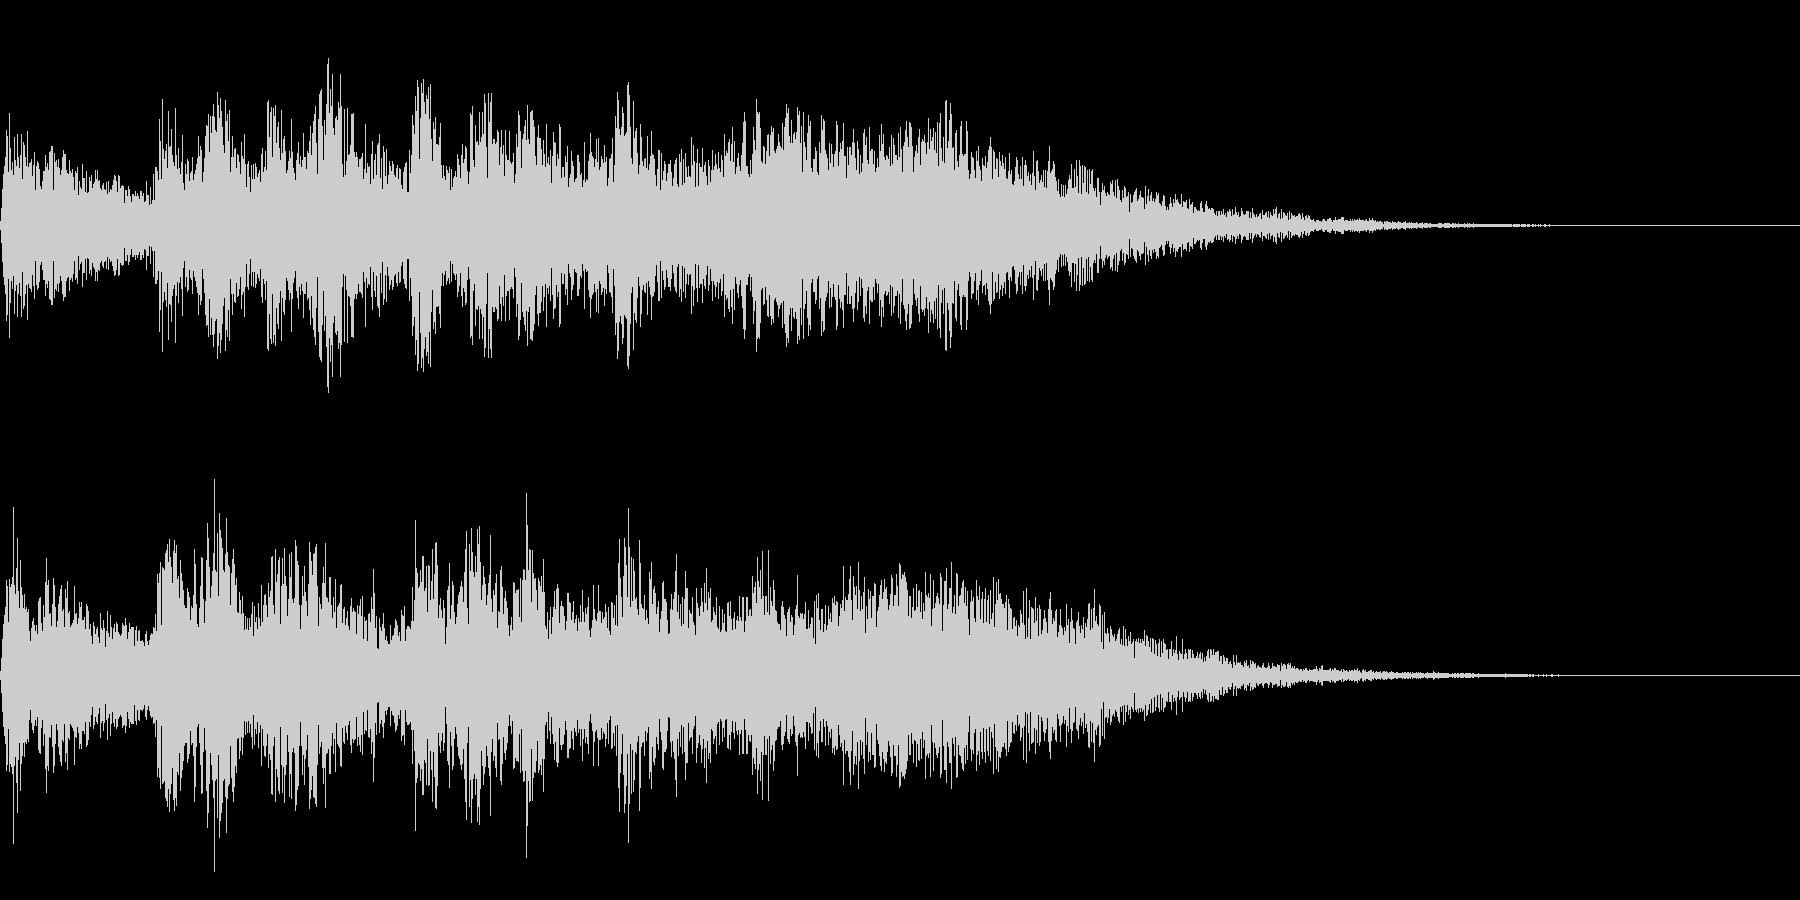 ファンファーレ ステージクリア 達成の未再生の波形